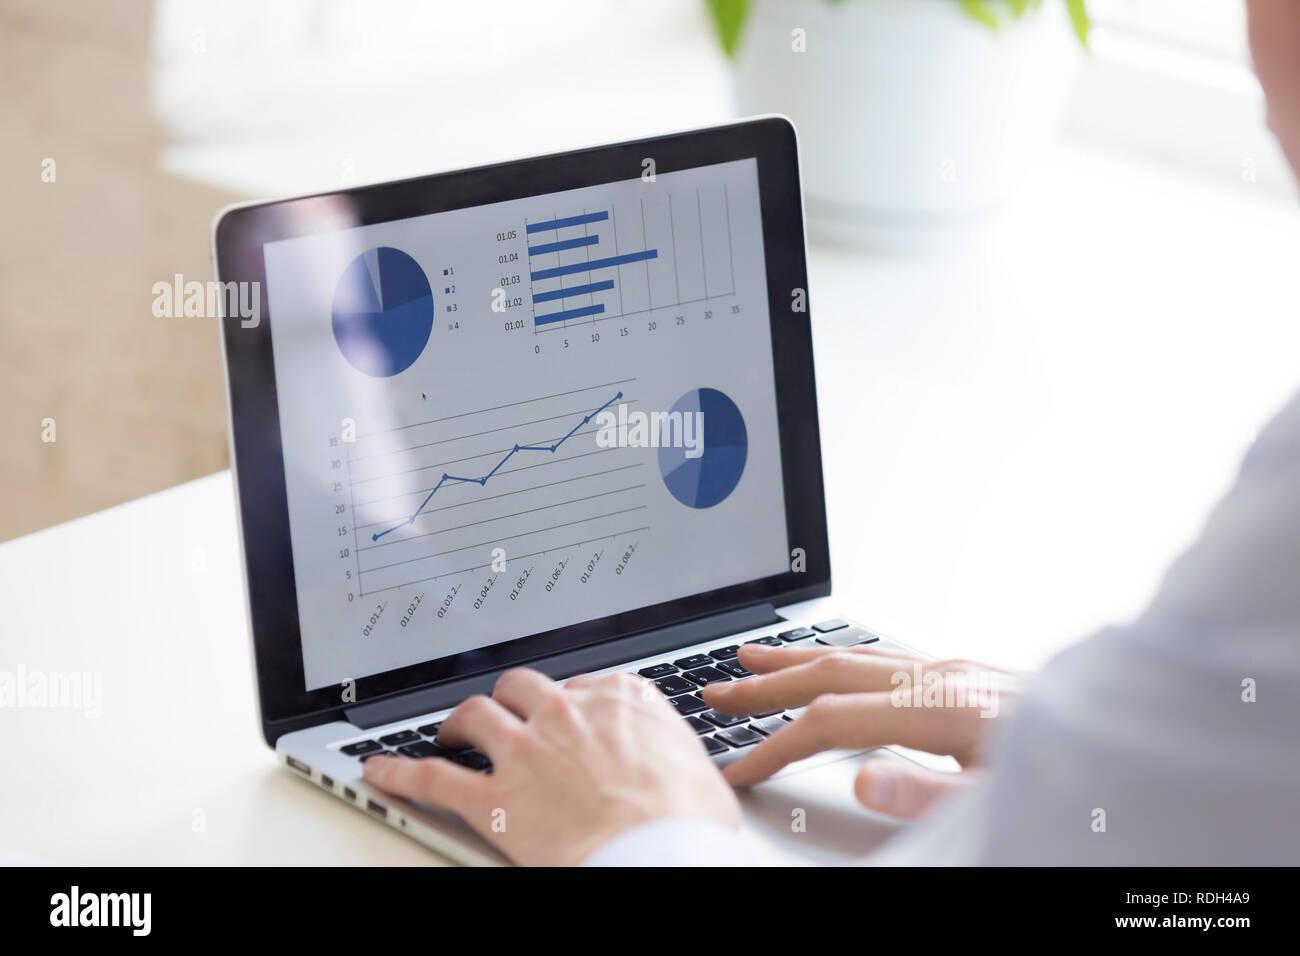 Chiudere l uomo d affari con computer portatile, analizzare le statistiche delle imprese Immagini Stock